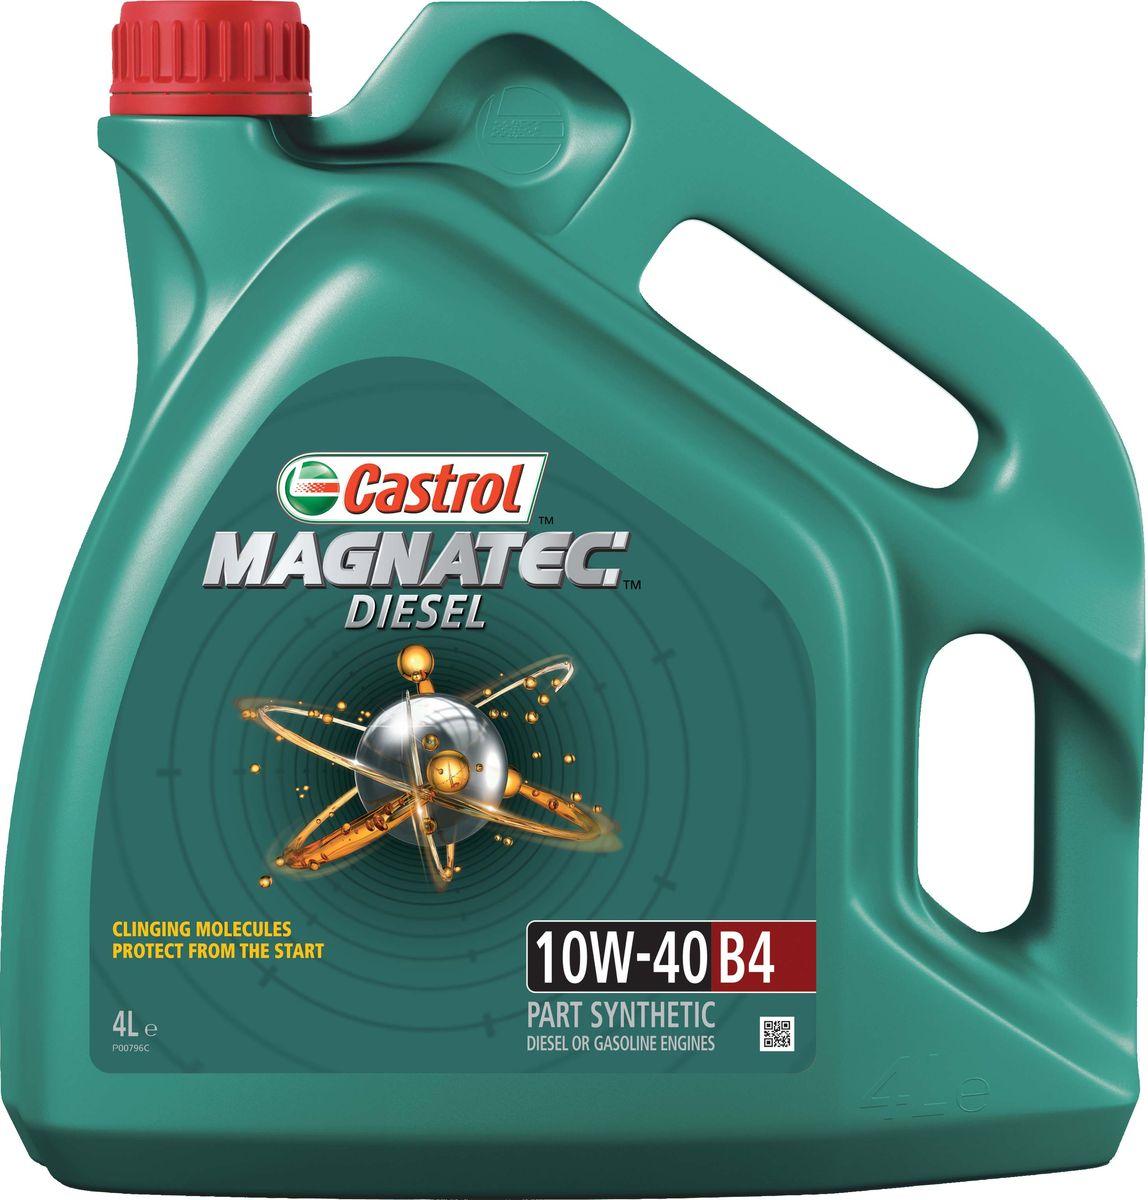 Масло моторное Castrol Magnatec Diesel, синтетическое, класс вязкости 10W-40, B4, 4 л156ED8До 75% износа двигателя происходит во время его пуска и прогрева. Когда двигатель выключен, обычное масло стекает в поддон картера, оставляя важнейшие детали двигателя незащищенными. Молекулы Castrol Magnatec Diesel подобно магниту притягиваются к деталям двигателя и образуют сверхпрочную масляную пленку, обеспечивающую дополнительную защиту двигателя в период пуска, когда риск возникновения износа существенно возрастает.Моторное масло Castrol Magnatec Diesel подходит для применения в дизельных двигателях, в которых производитель рекомендует использовать смазочные материалы спецификаций ACEA A3/B4, A3/B3, API CF или более ранних, класса вязкости SAE 10W-40. Castrol Magnatec Diesel одобрено к использованию в дизельных двигателях автомобилей Volkswagen Group и Mercedes, требующих моторные масла спецификаций Volkswagen 505 00 и MBApproval 229.1, класса вязкости SAE 10W-40.Castrol Magnatec Diesel защищает двигатель всегда:- молекулы Intelligent molecules притягиваются к металлическим поверхностям двигателя, обеспечивая дополнительную защиту его деталей от износа;- специальная технология производства дизельных масел поддерживает эффективностьработы двигателя и быстроту реагирования на нажатие педали акселератора;- эффективно удерживает сажу, образующуюся в процессе работы двигателя, сводя к минимуму загустевание масла;- превышает самые жесткие требования последнего отраслевого стандарта в тесте по защите дизельных двигателей.Спецификации.ACEA A3/B3, A3/B4,API SL/CF,Meets Fiat 9.55535-D2,MB-Approval 229.1,Volkswagen 501 01 / 505 00.Товар сертифицирован.